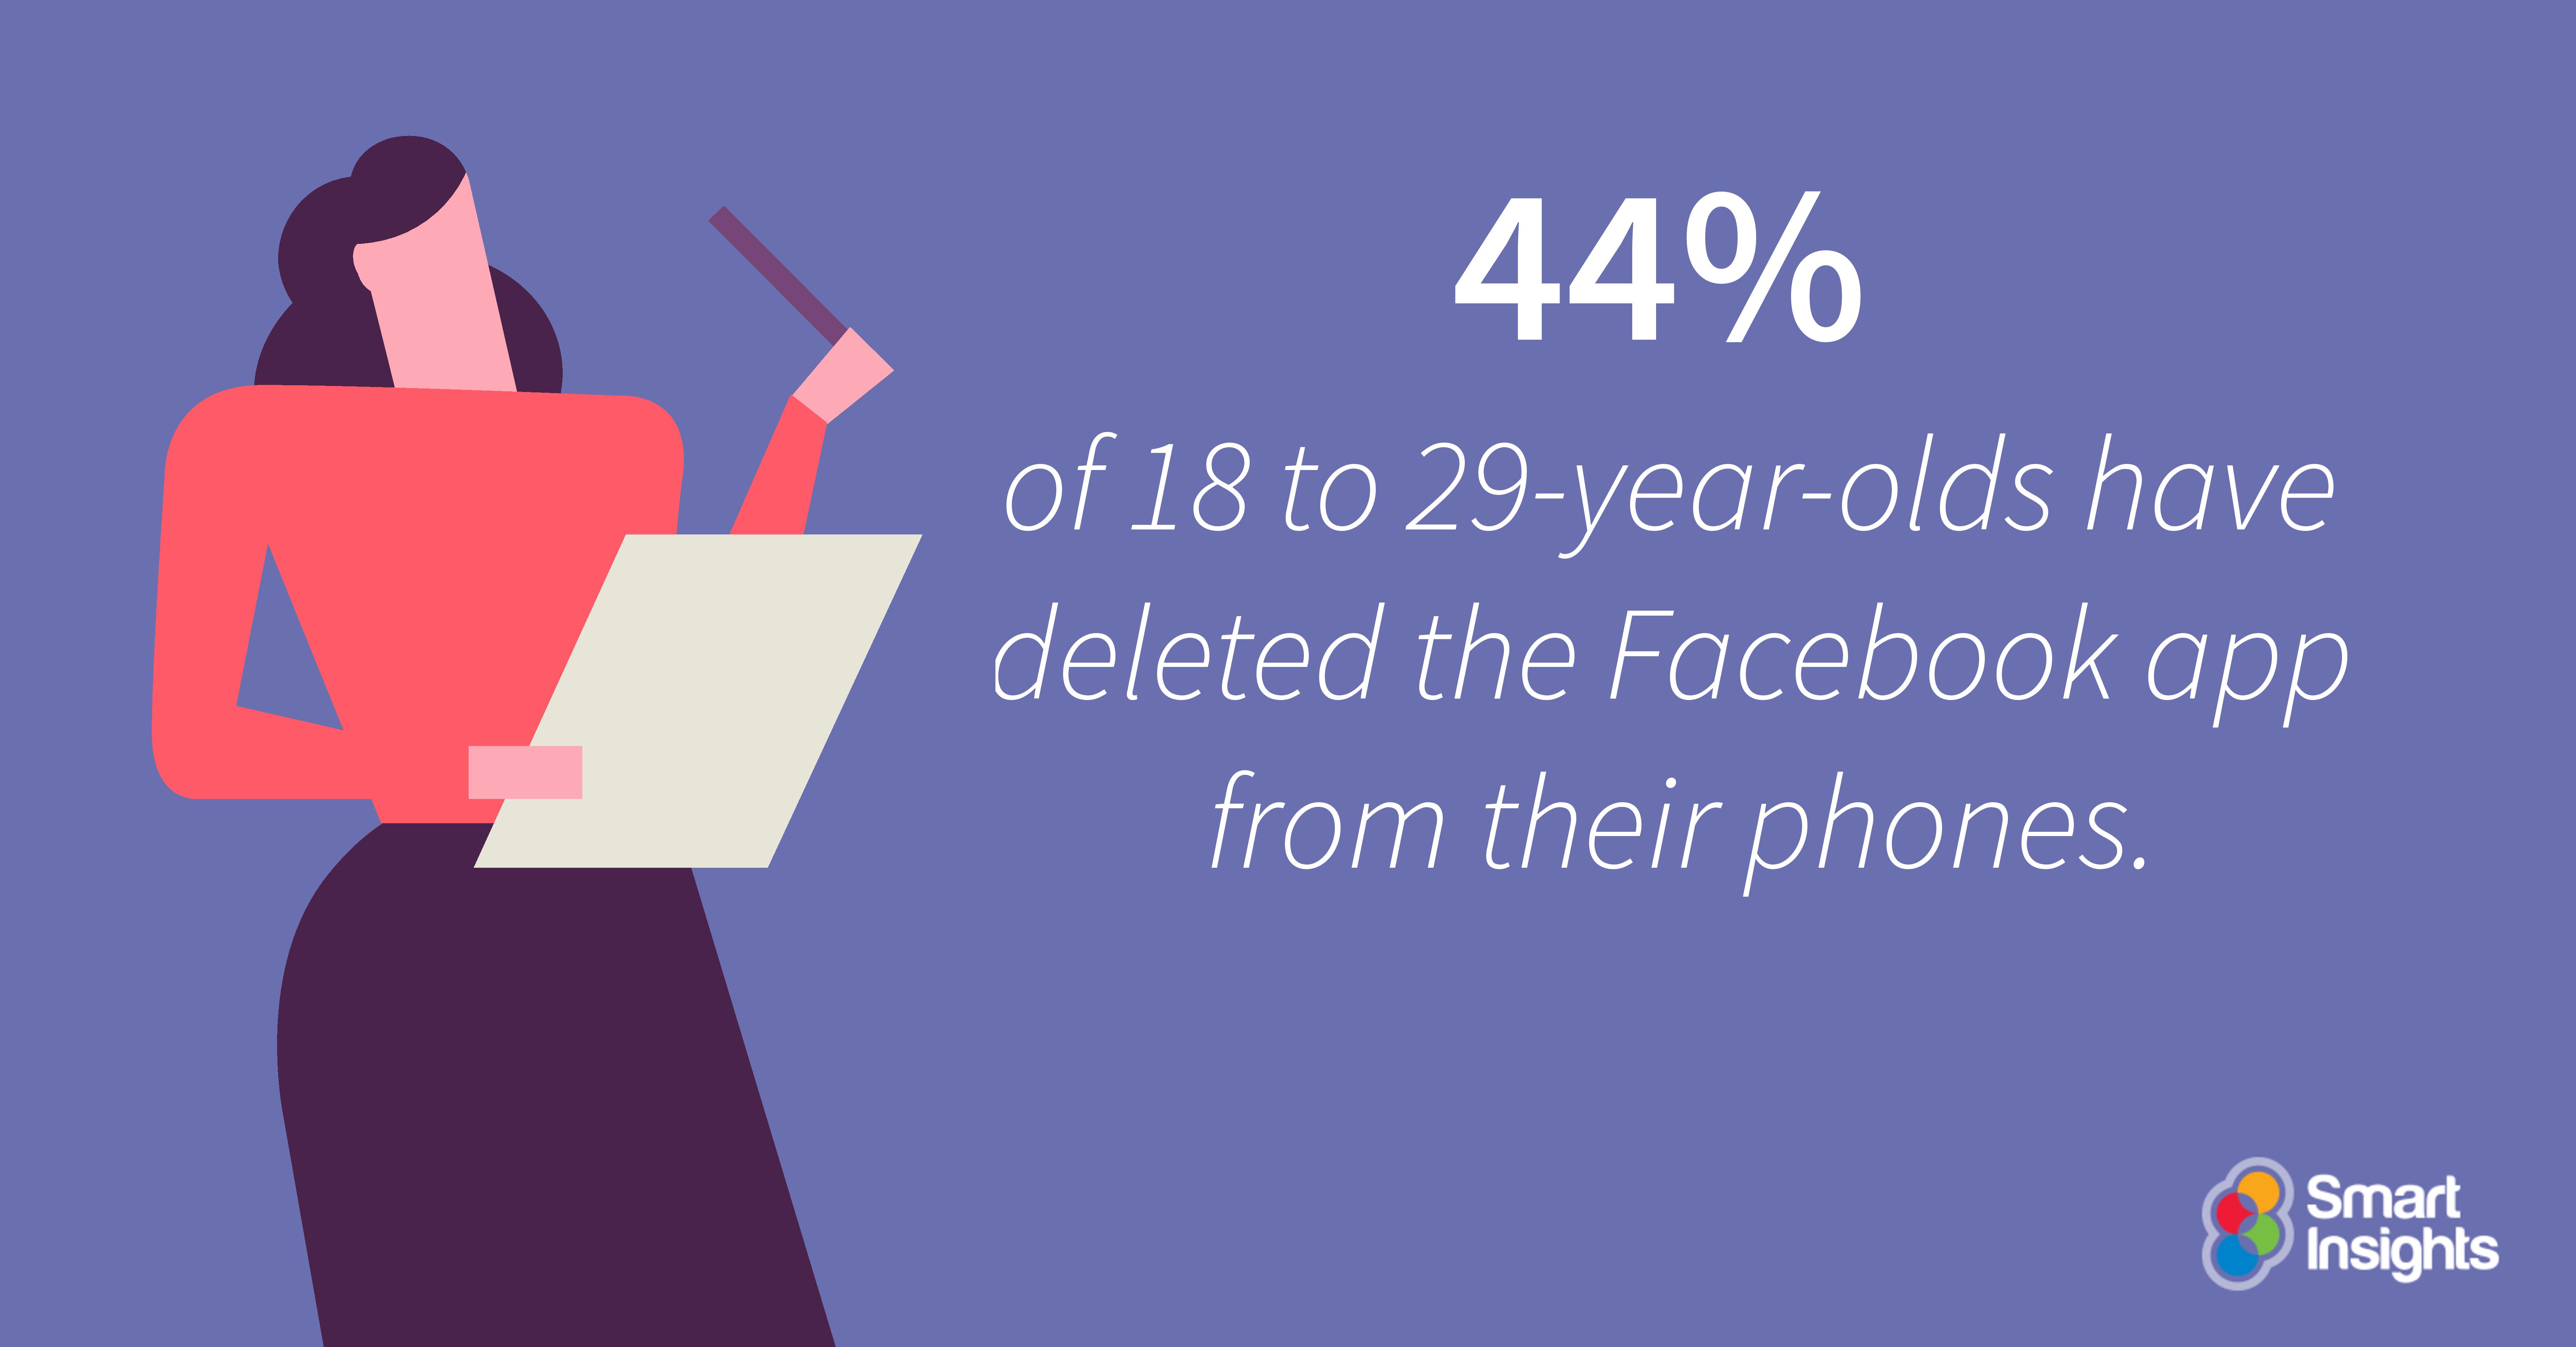 Il 44% dei ragazzi dai 18 ai 29 anni ha cancellato l'app di Facebook dai propri telefoni.